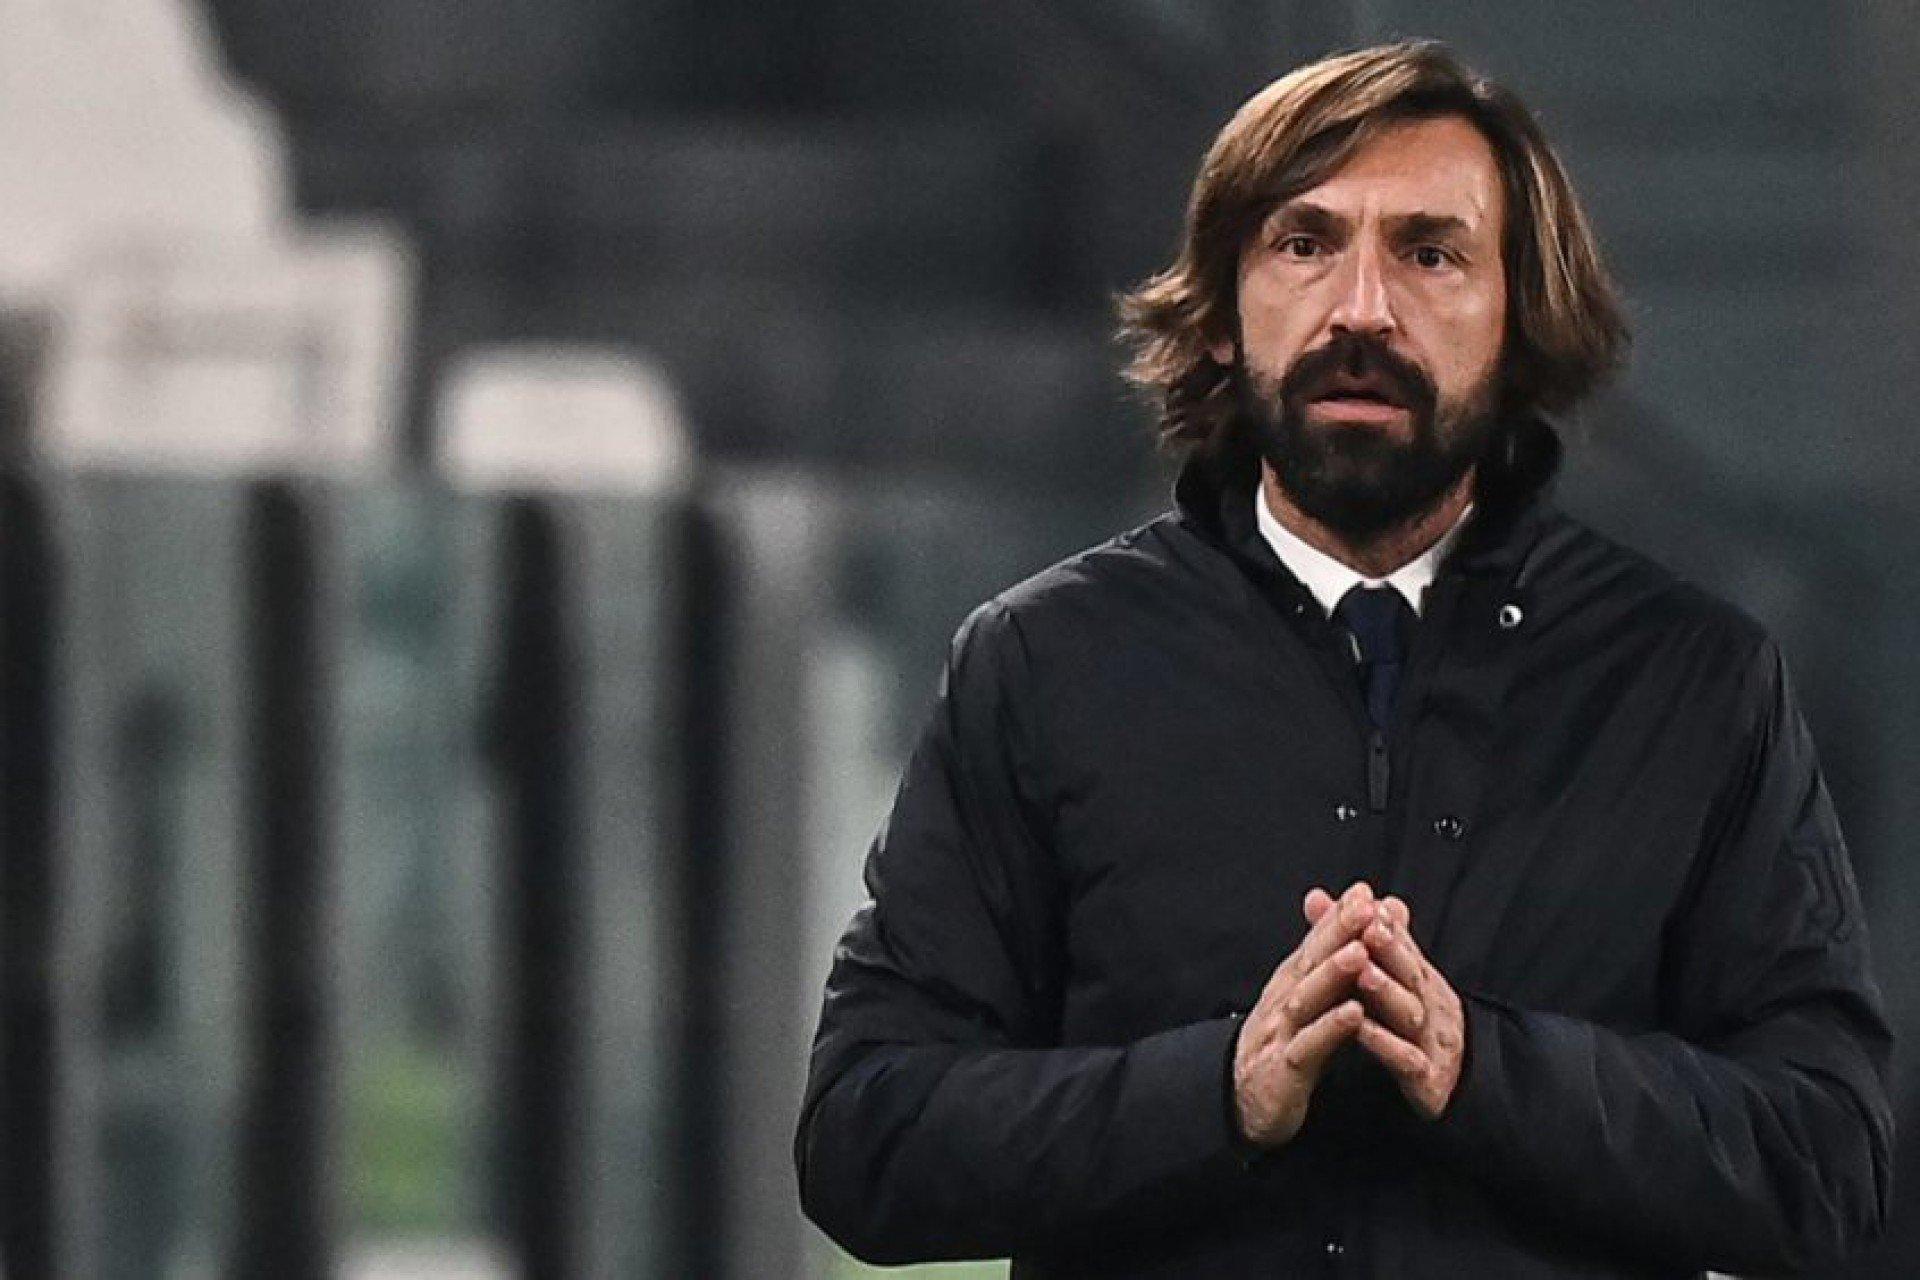 Pirlo é o favorito para assumir o Barcelona caso Koeman seja demitido; Gallardo surge como opção